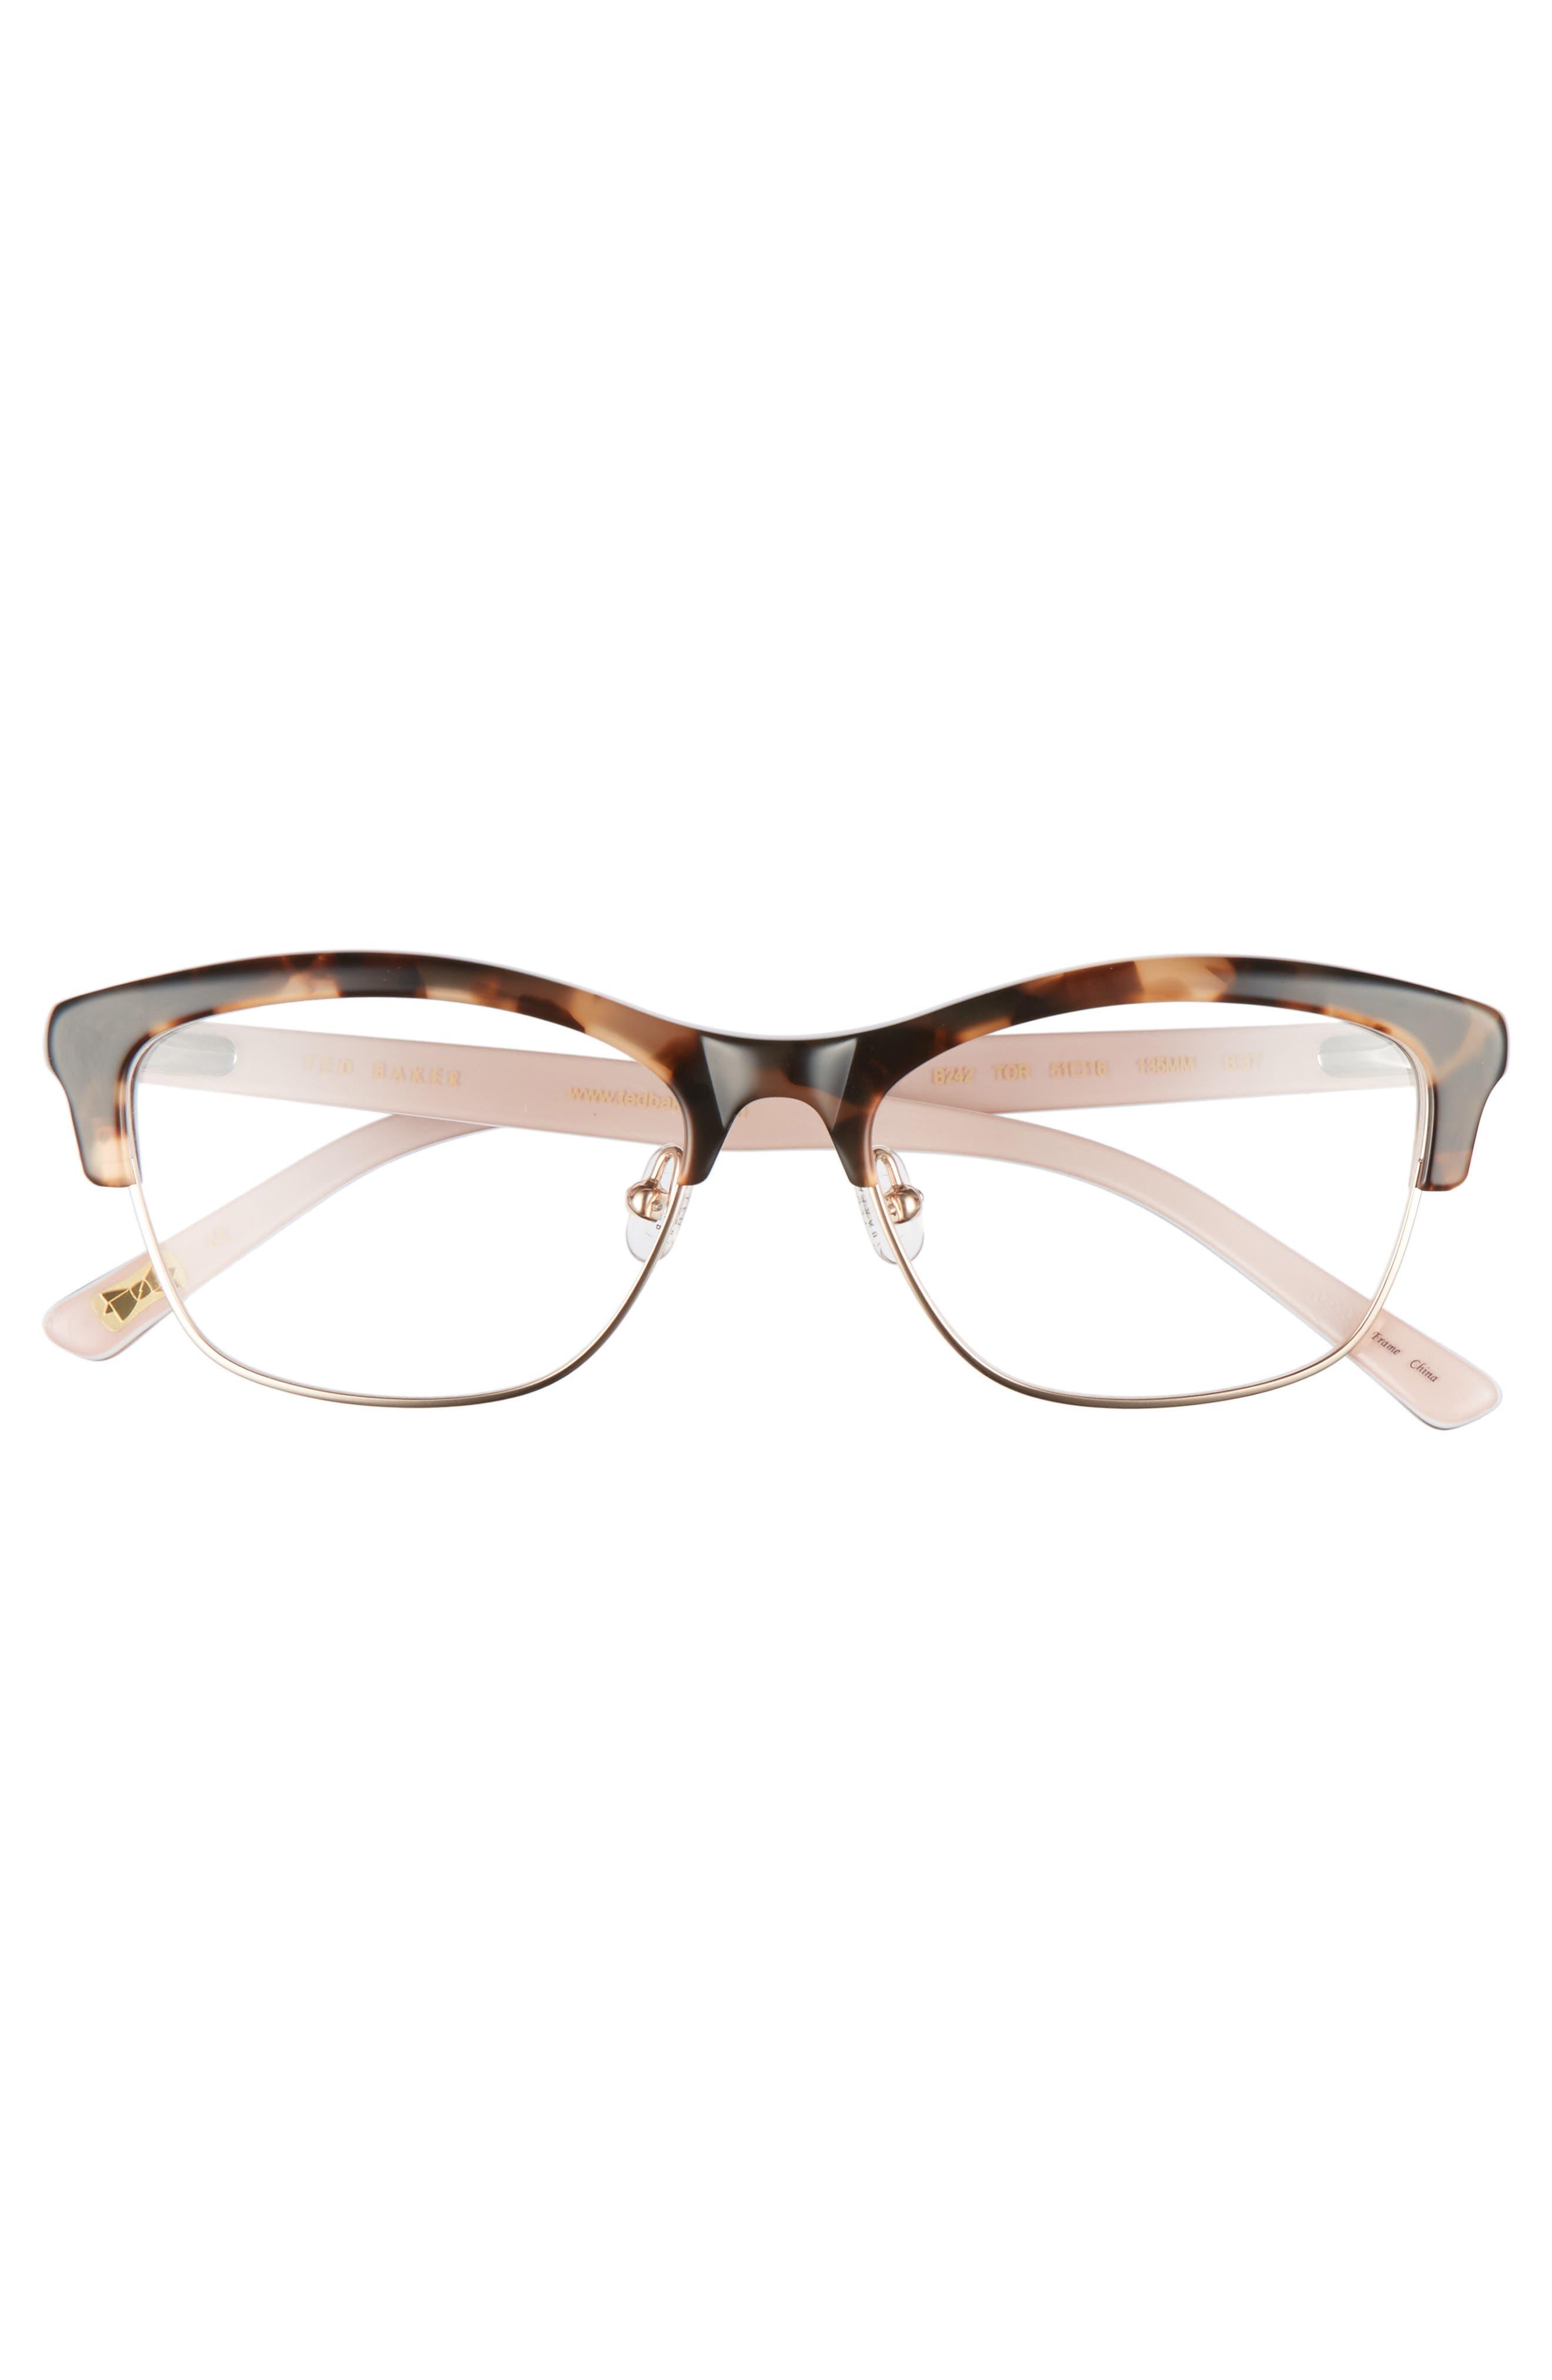 51mm Optical Cat Eye Glasses,                             Alternate thumbnail 3, color,                             200